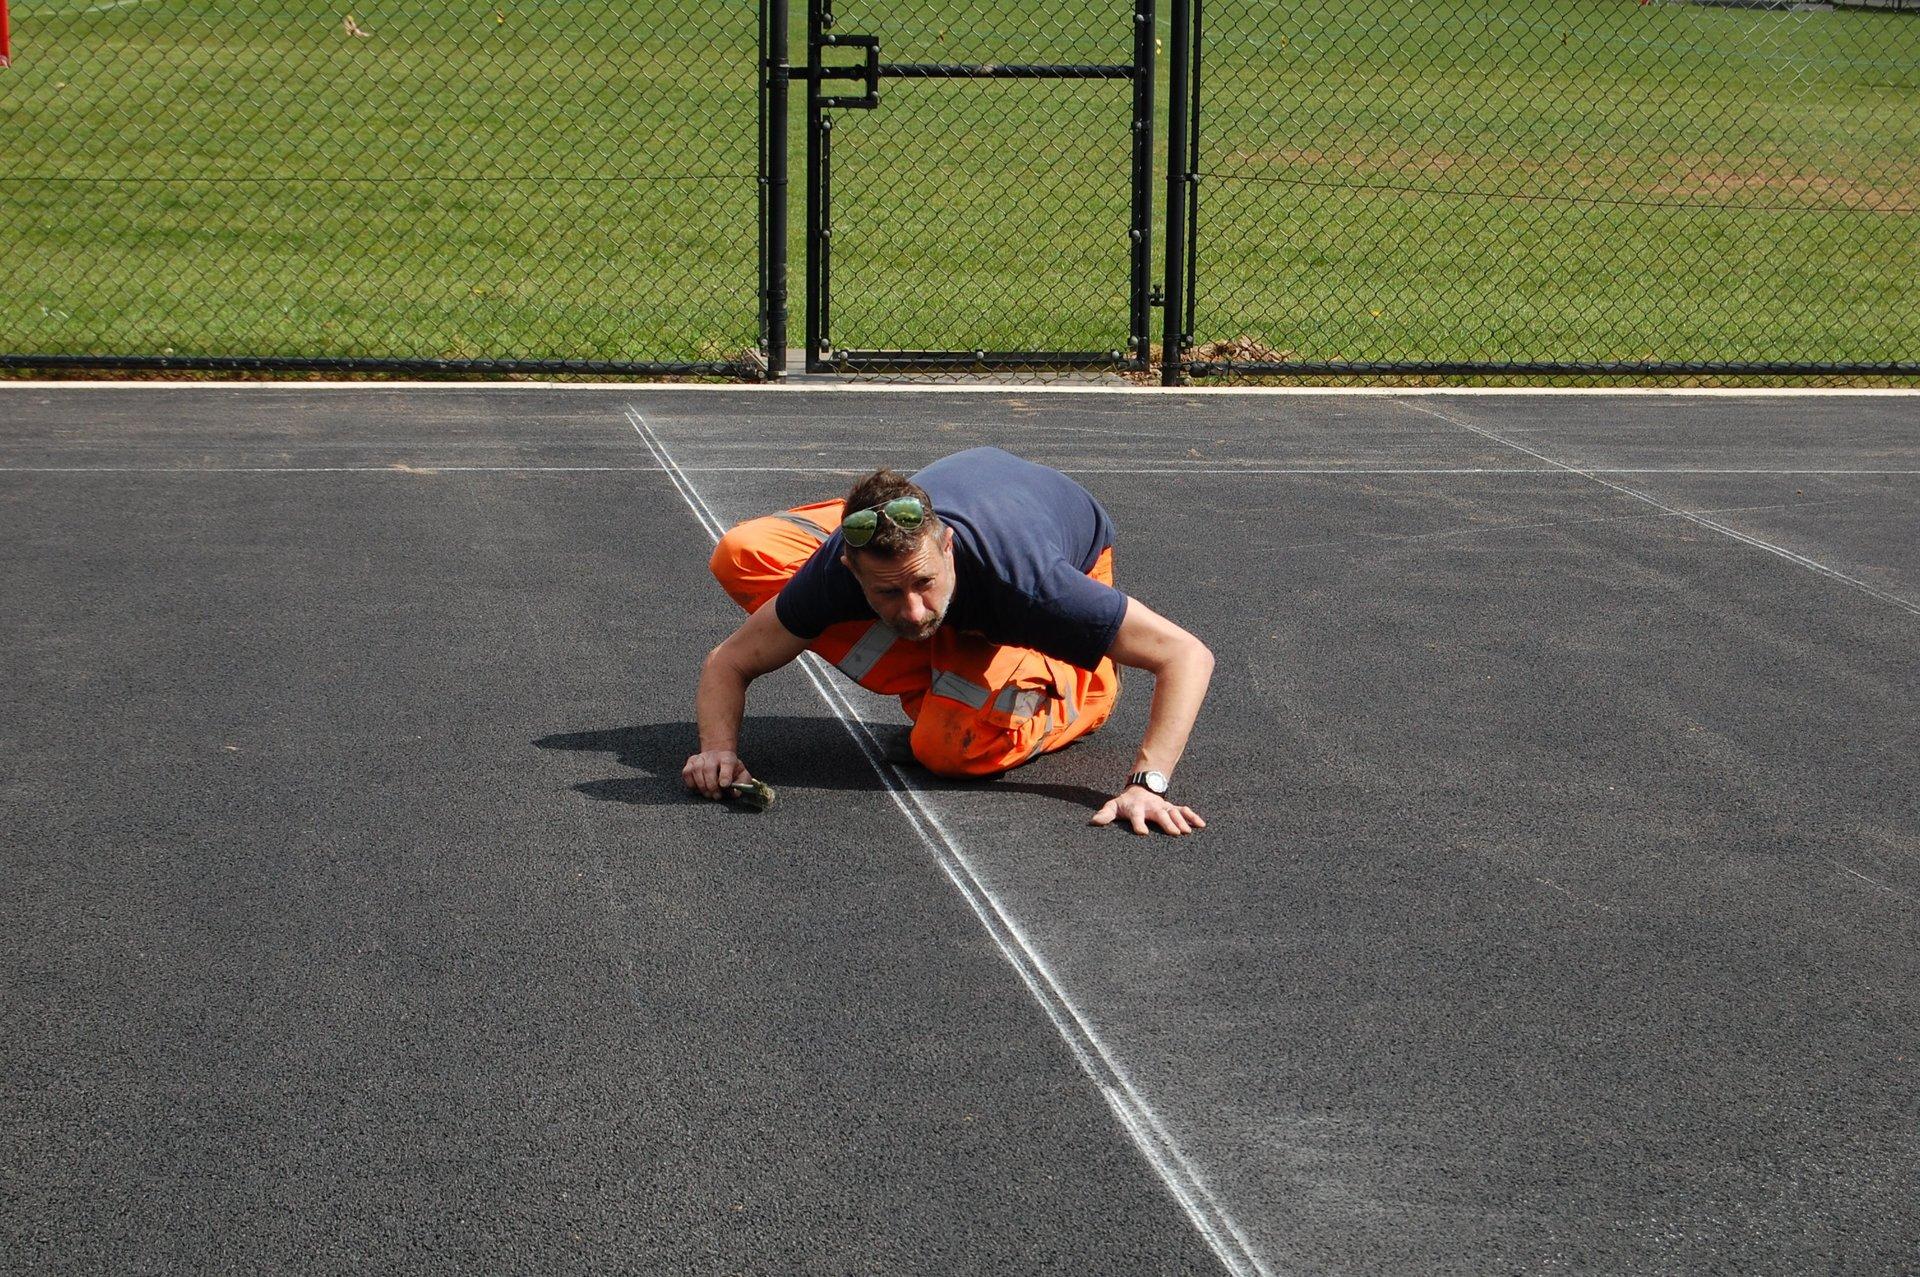 asphalt tennis court